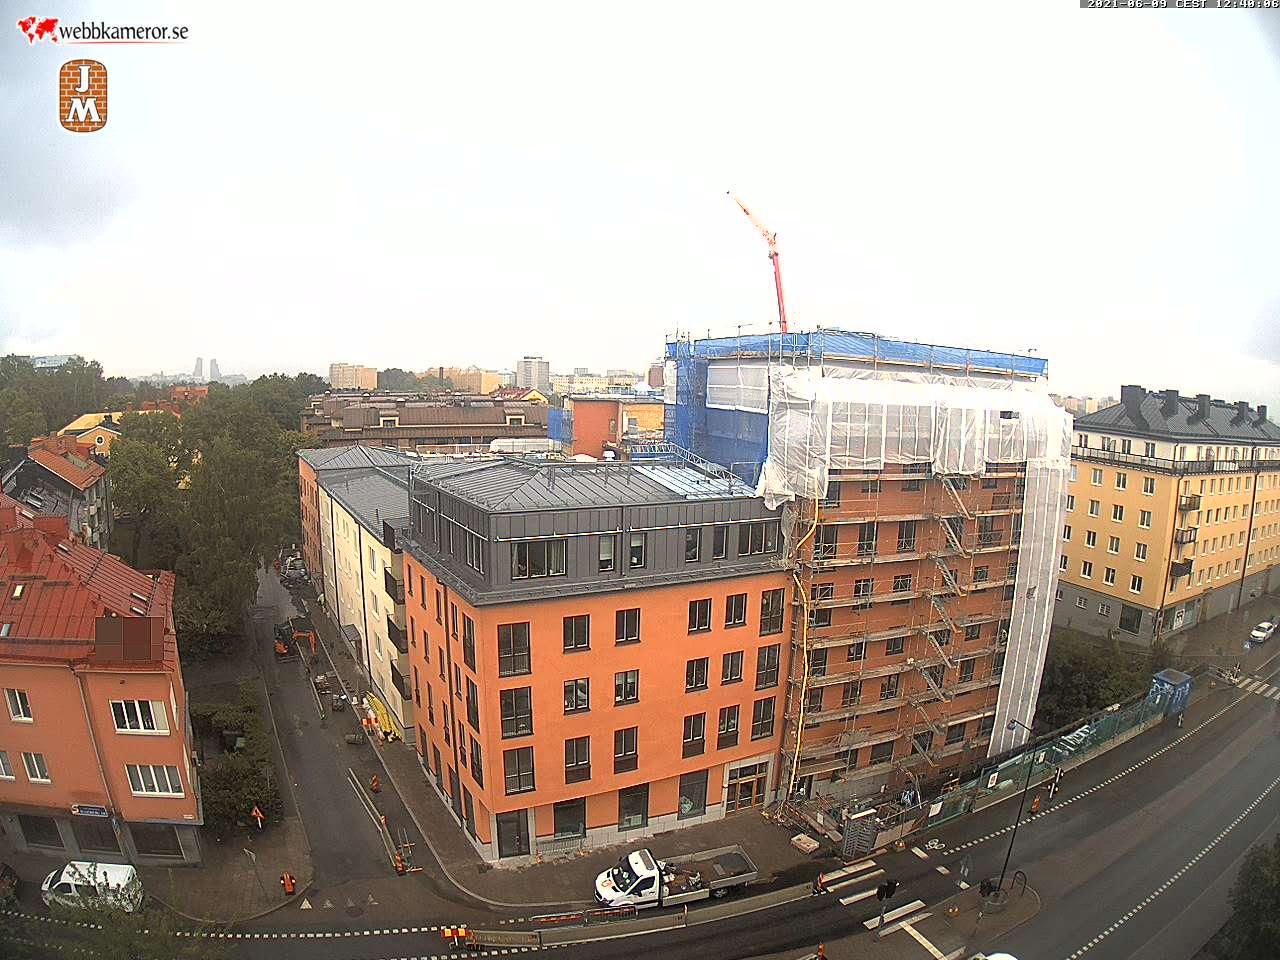 Webbkamera - JM bygger Råsunda101